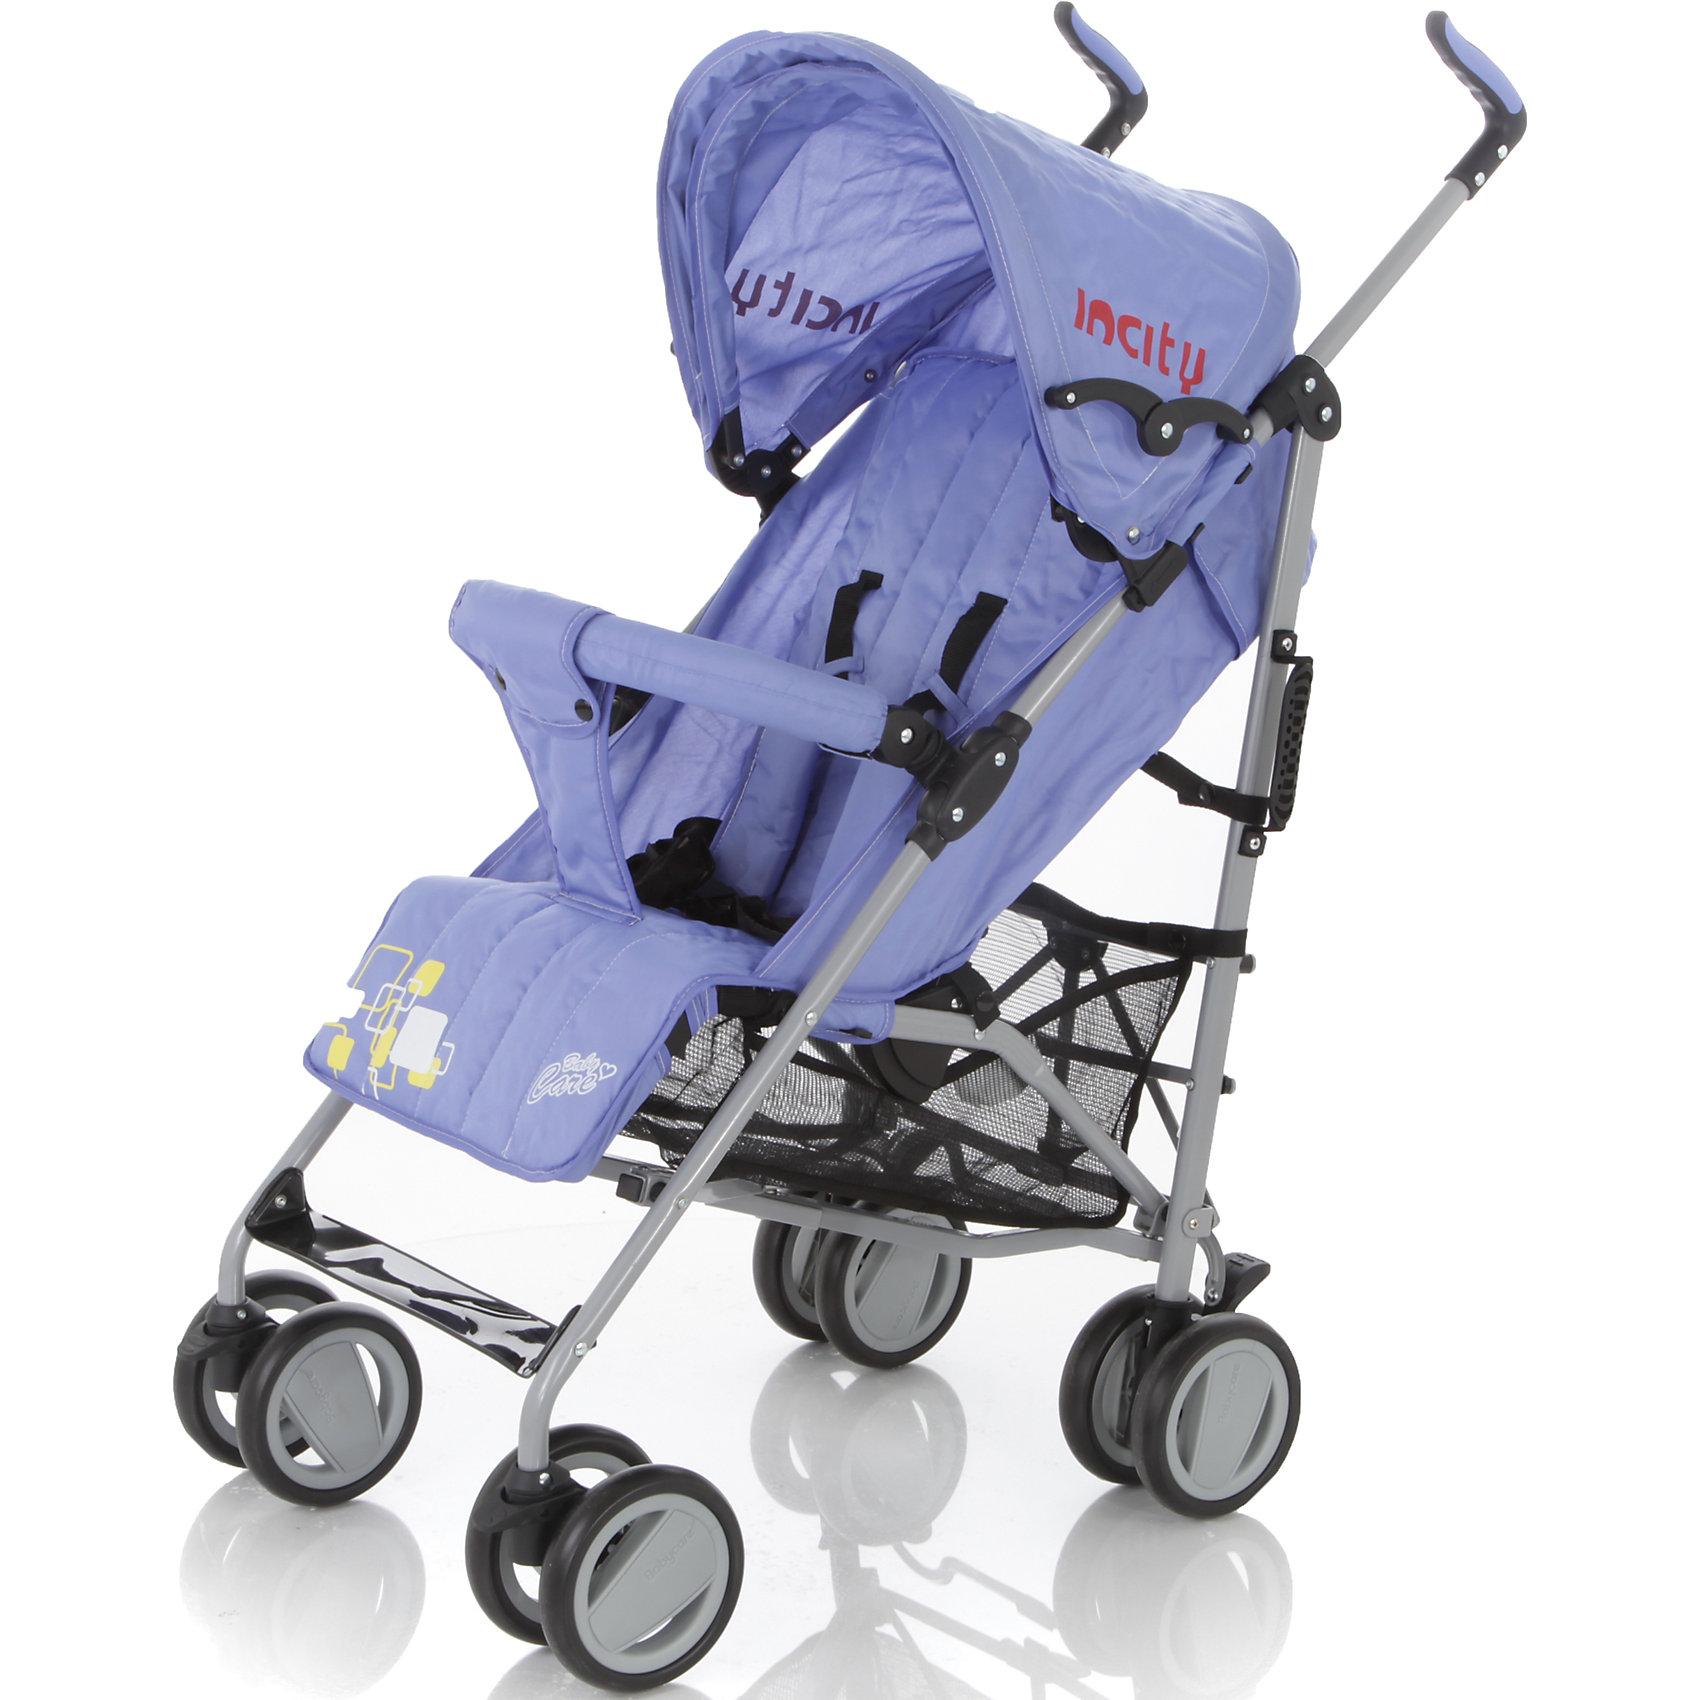 Коляска-трость In City, Baby Care, фиолетовый